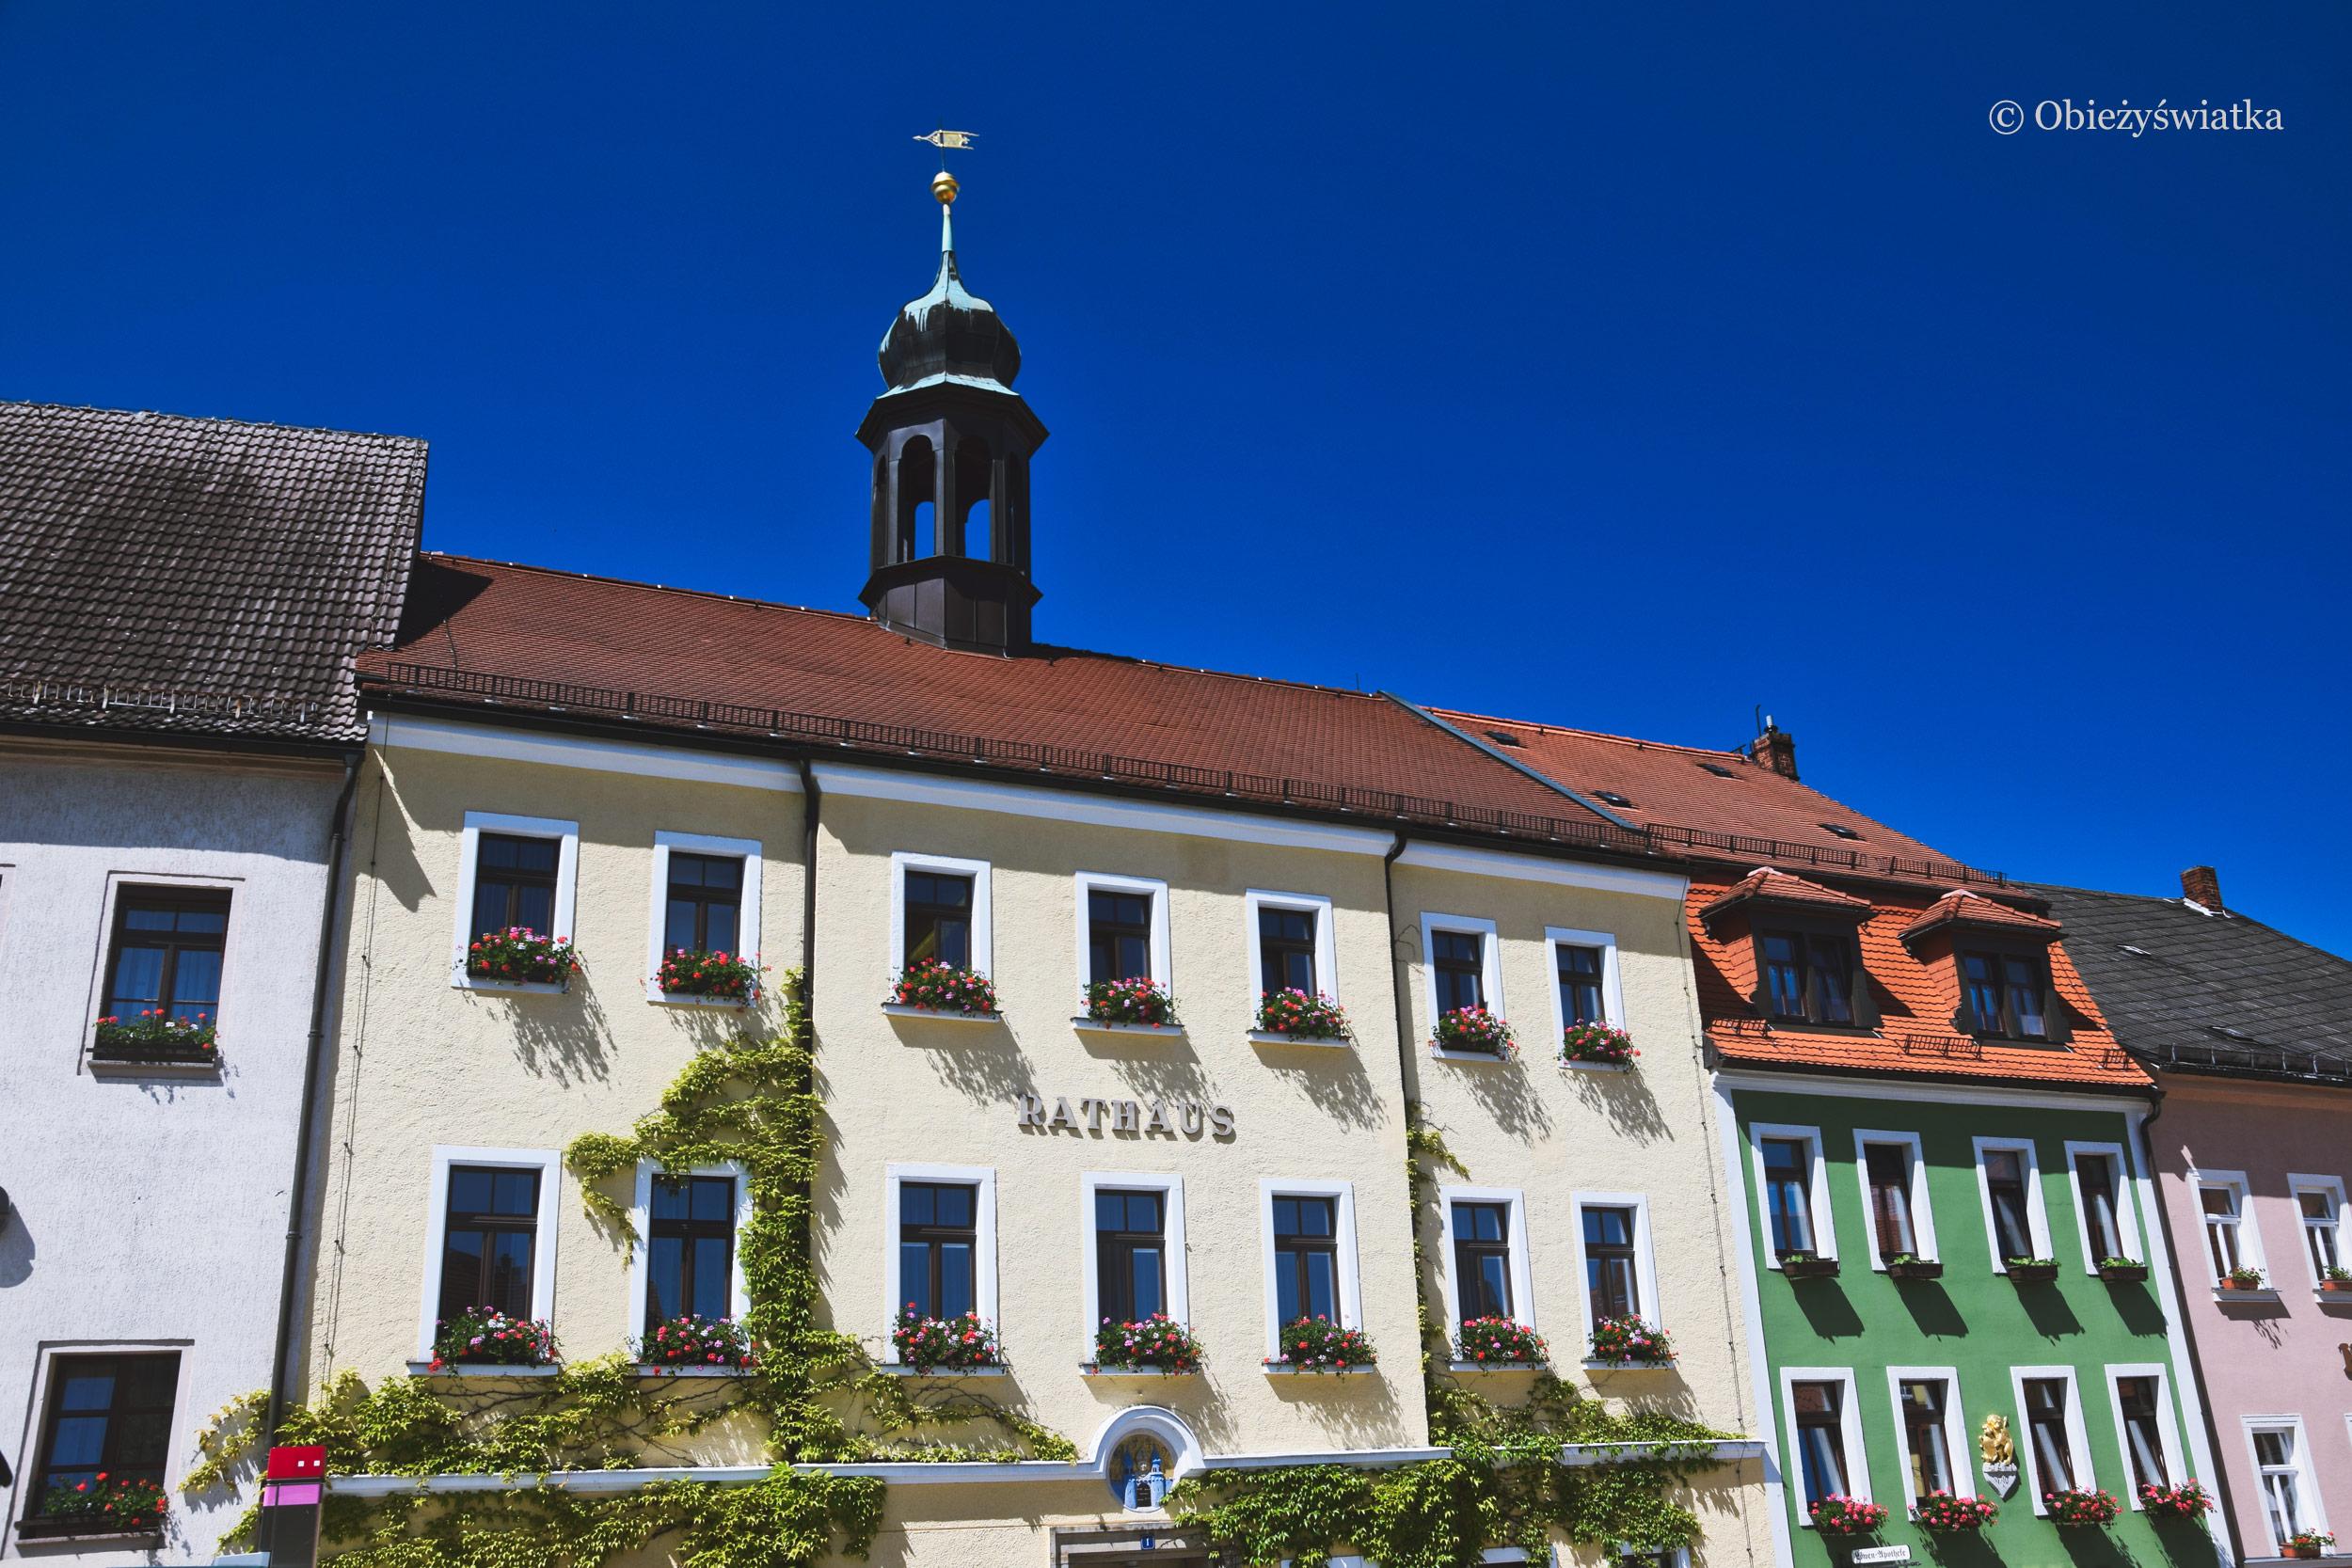 Ratusz miasteczka Stolpen